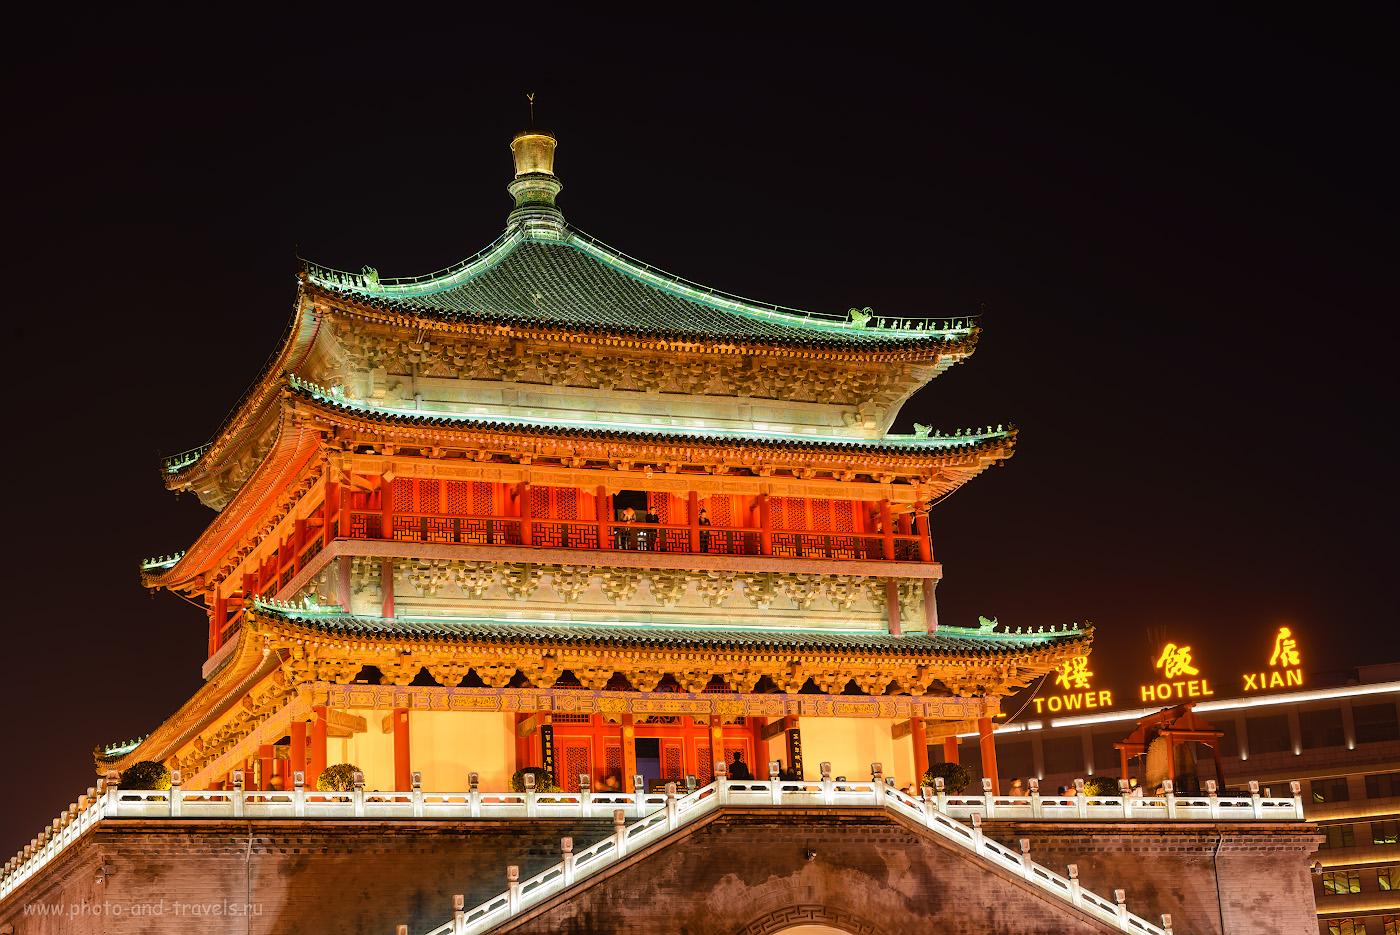 Фотография 16. Туристы любуются ночным Сианем с балкона Колокольной башни (Bell Tower). Отзыв о путешествии в Китай из Екатеринбурга. 1/1, +0.67, 10.0, 100, 56.